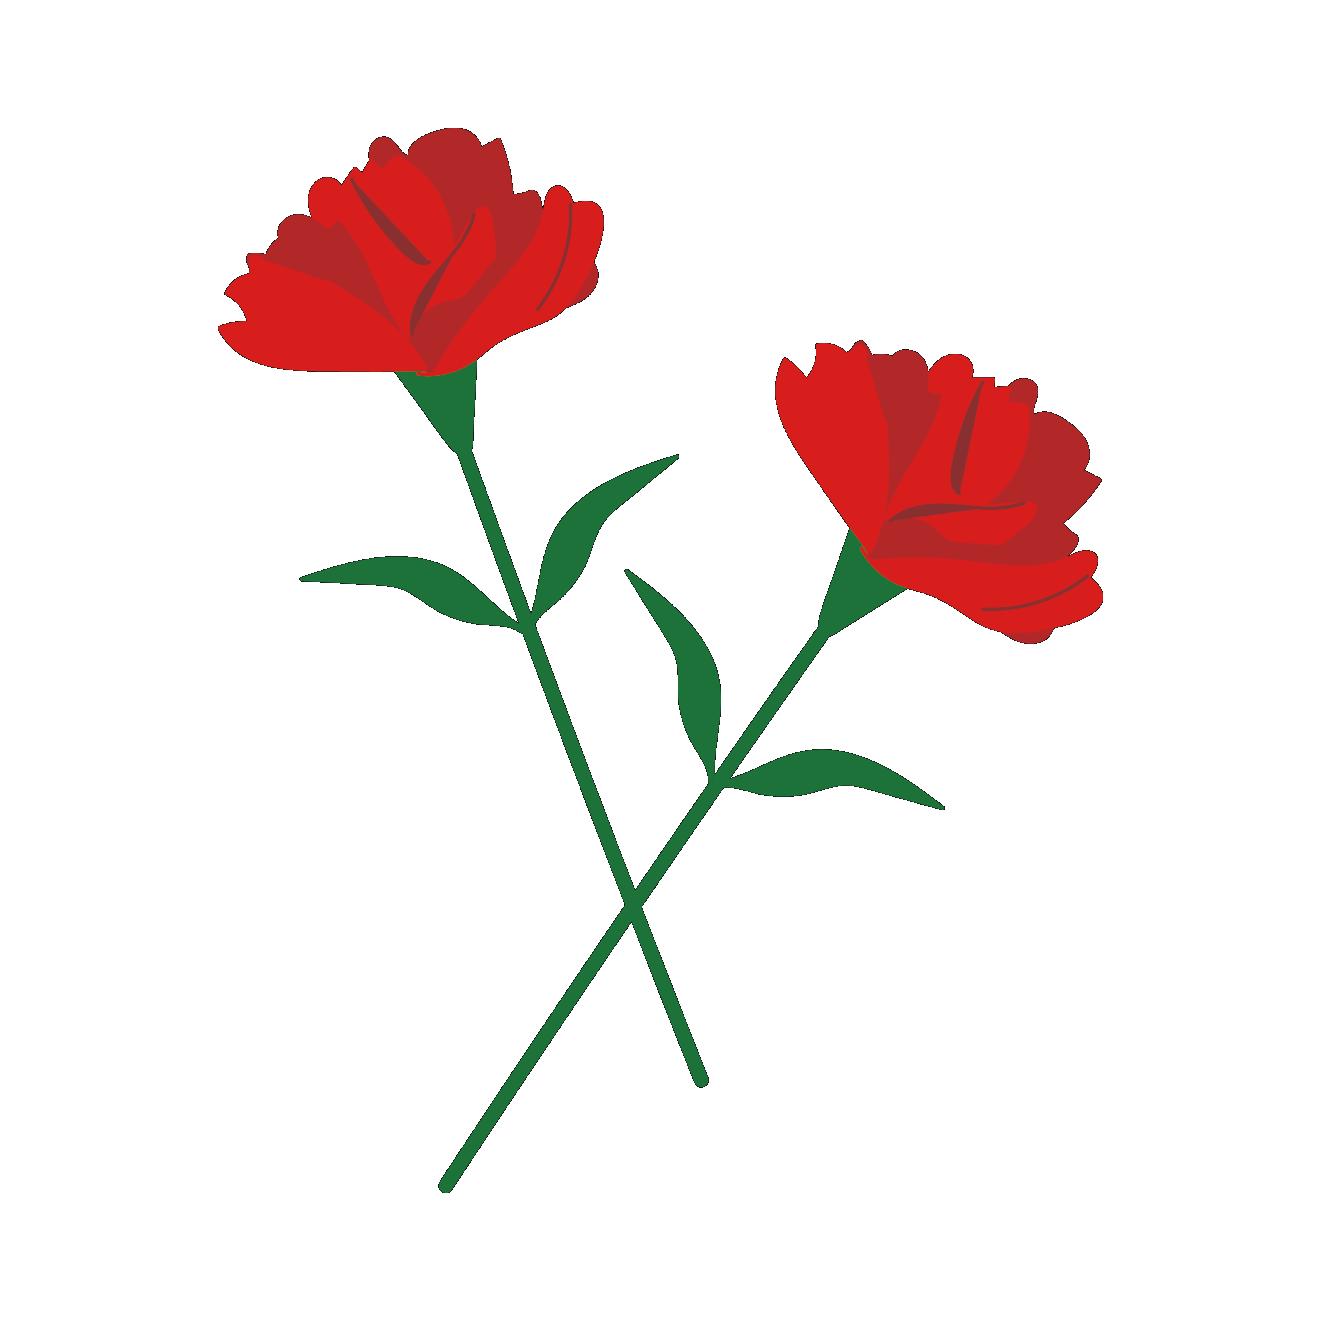 花2輪の花 母の日に赤いカーネーション イラスト 商用フリー無料